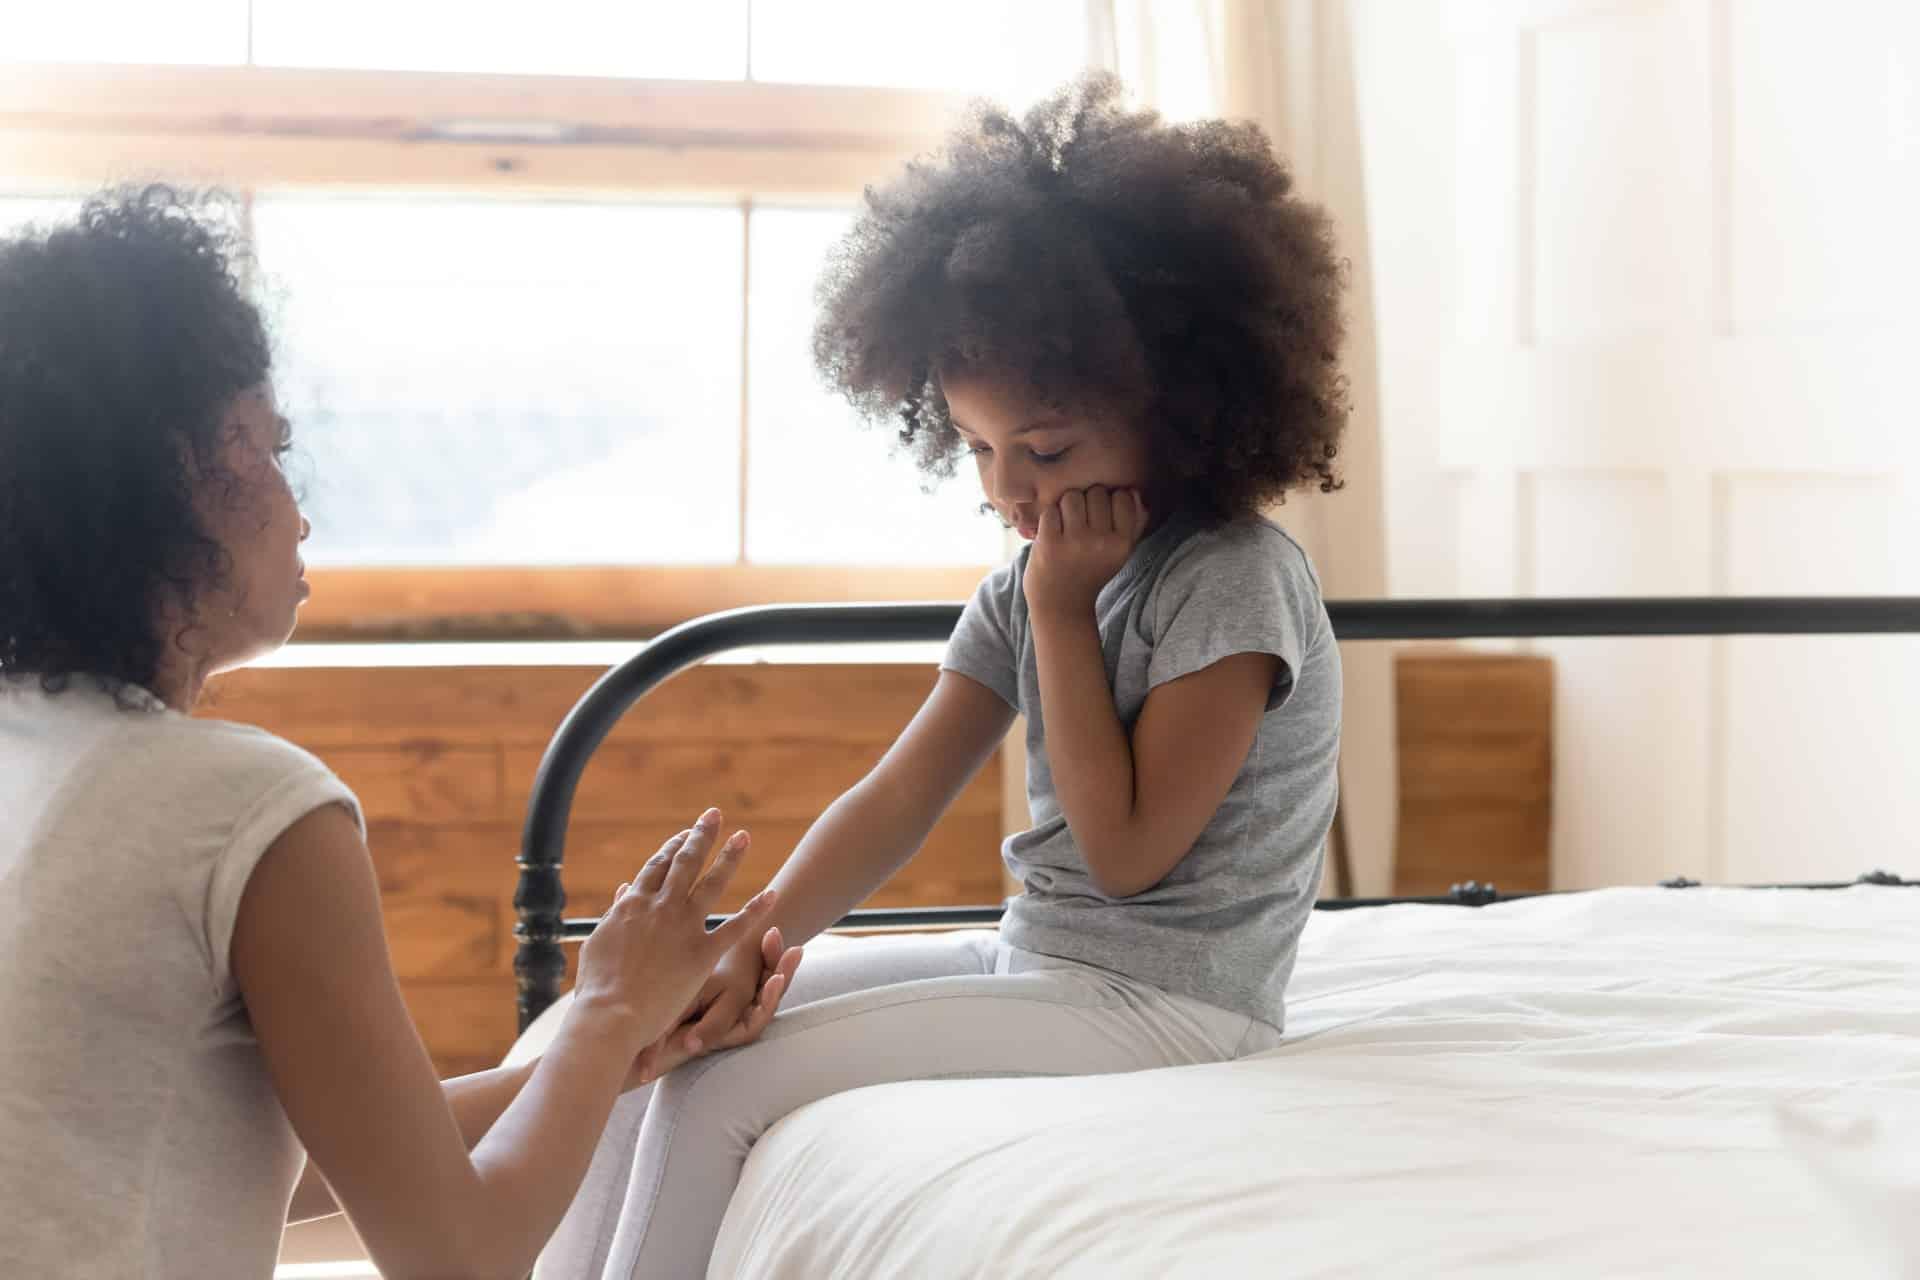 Het coronavirus: zo praat je erover met je kind